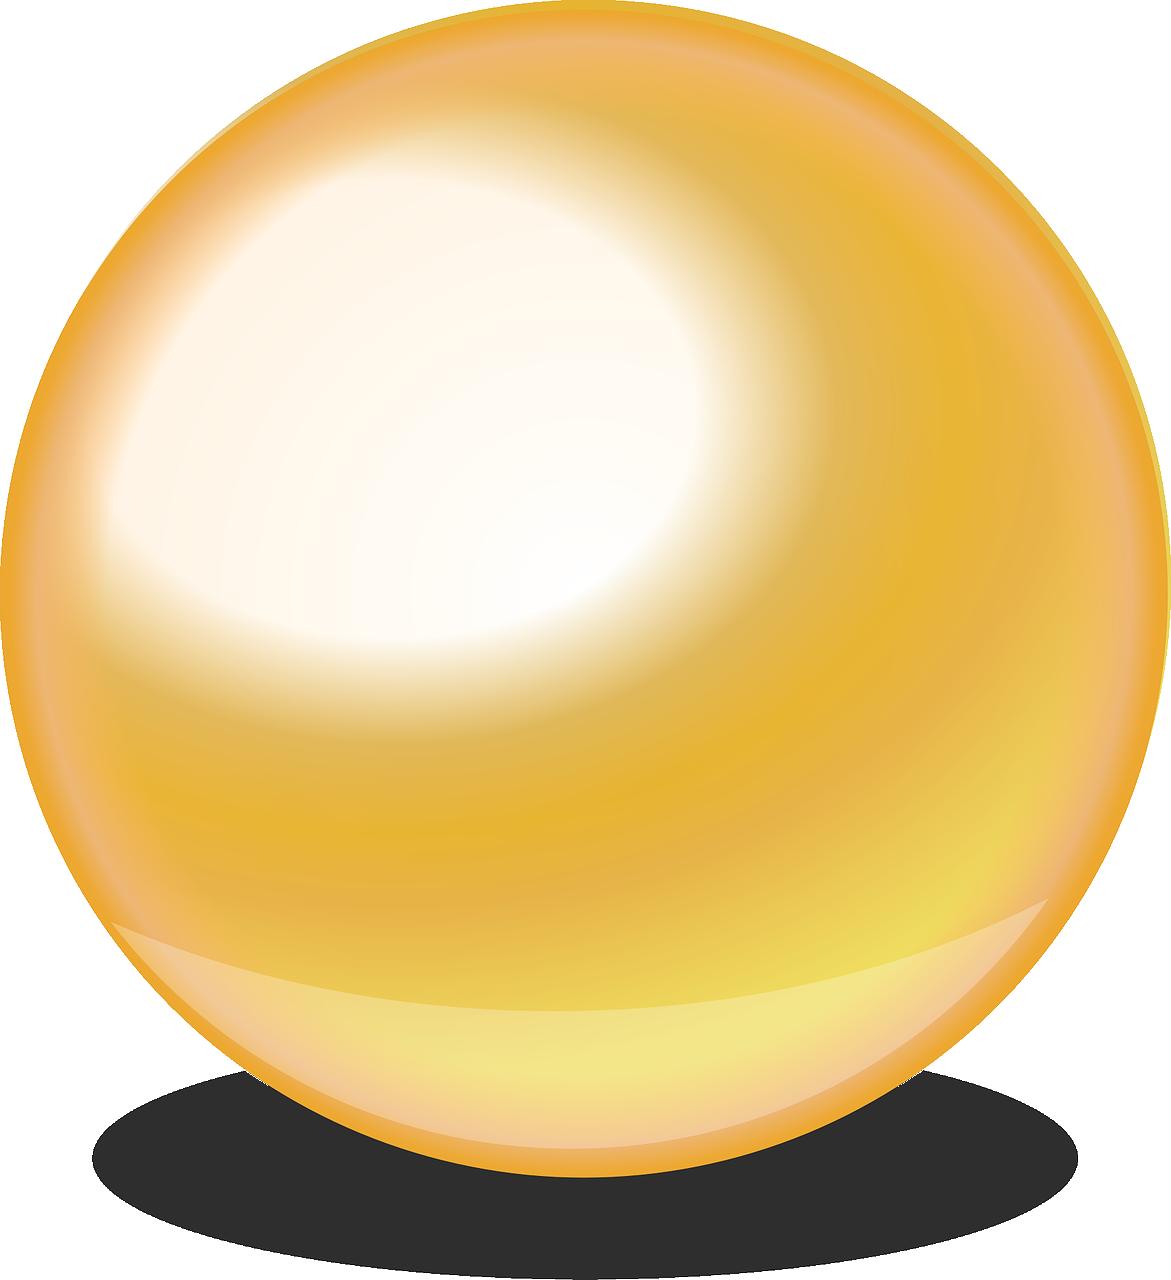 彩色光泽质感圆球元素装饰图案免费下载-千图网手机版